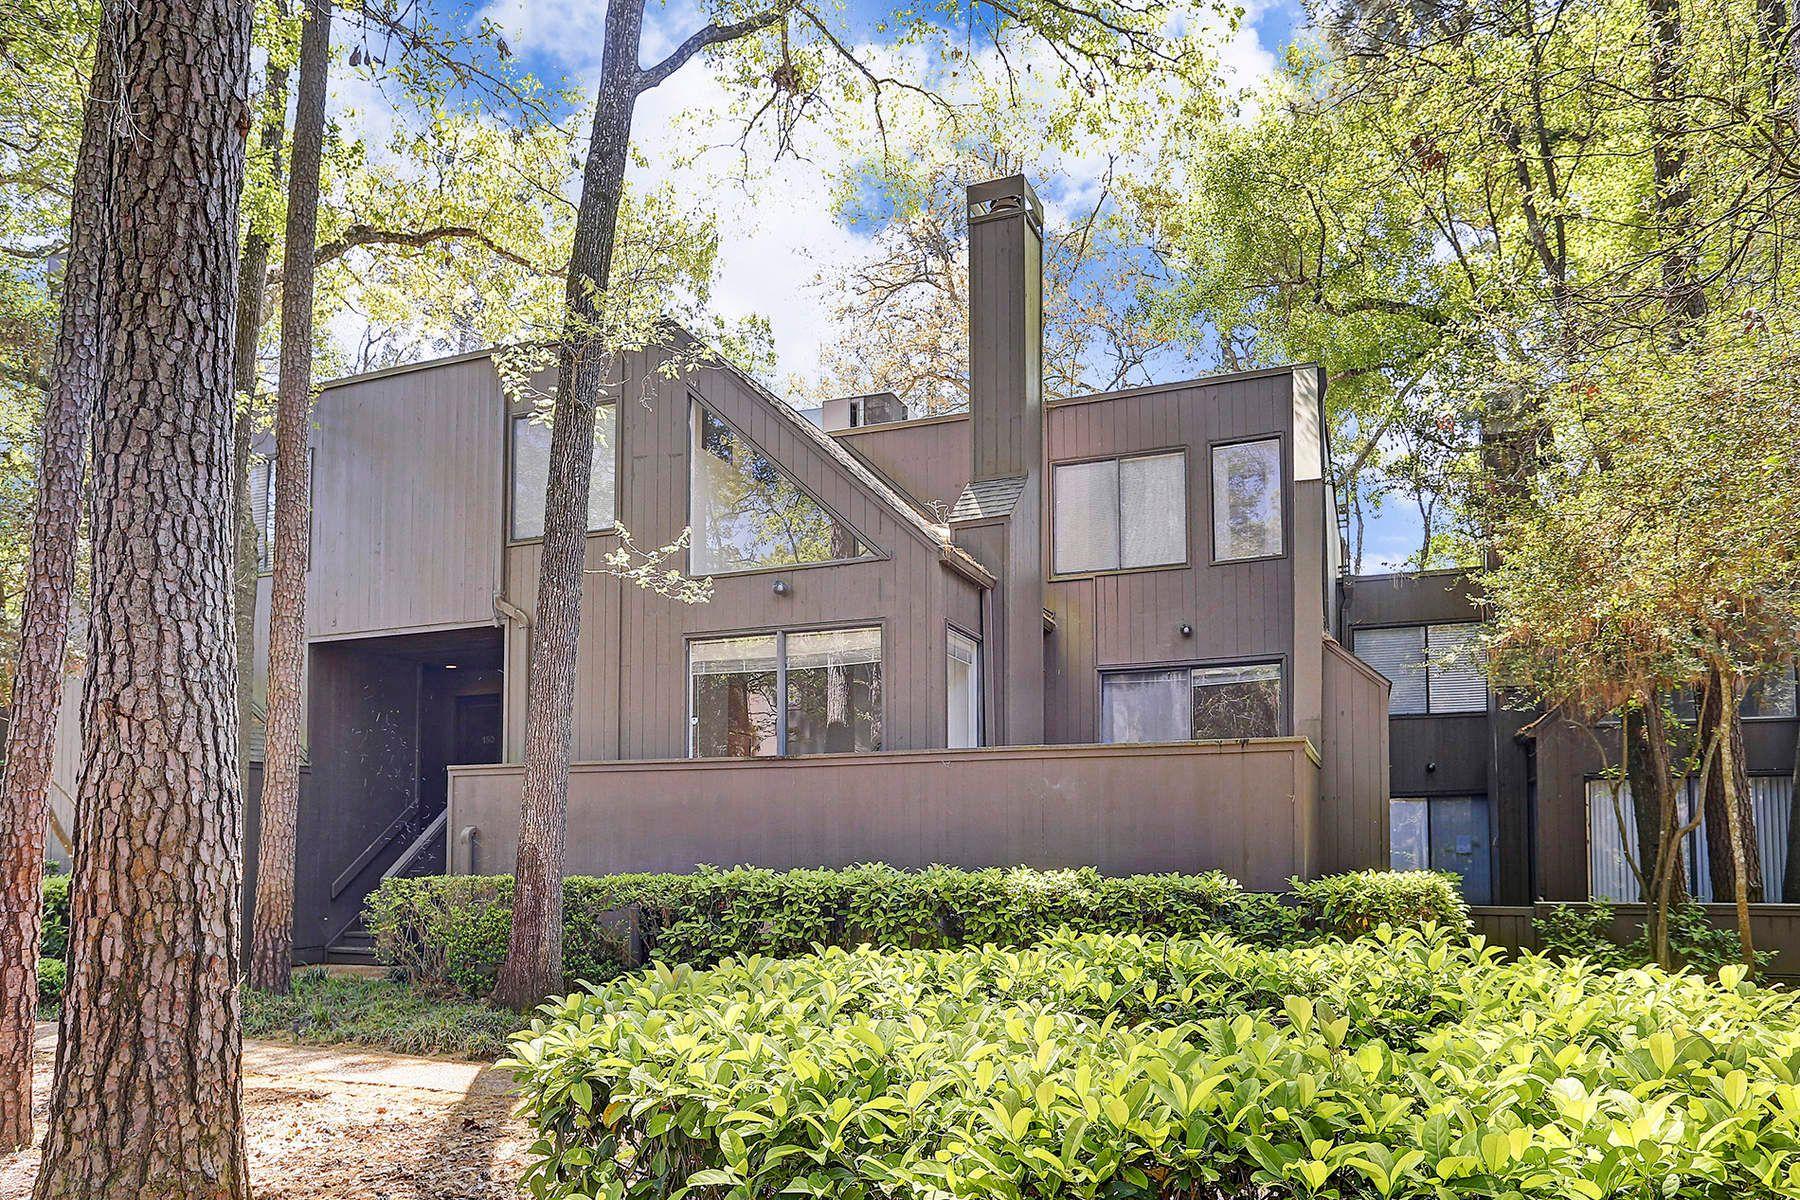 تاون هاوس للـ Sale في 152 Litchfield Lane Memorial, Houston, Texas, 77024 United States